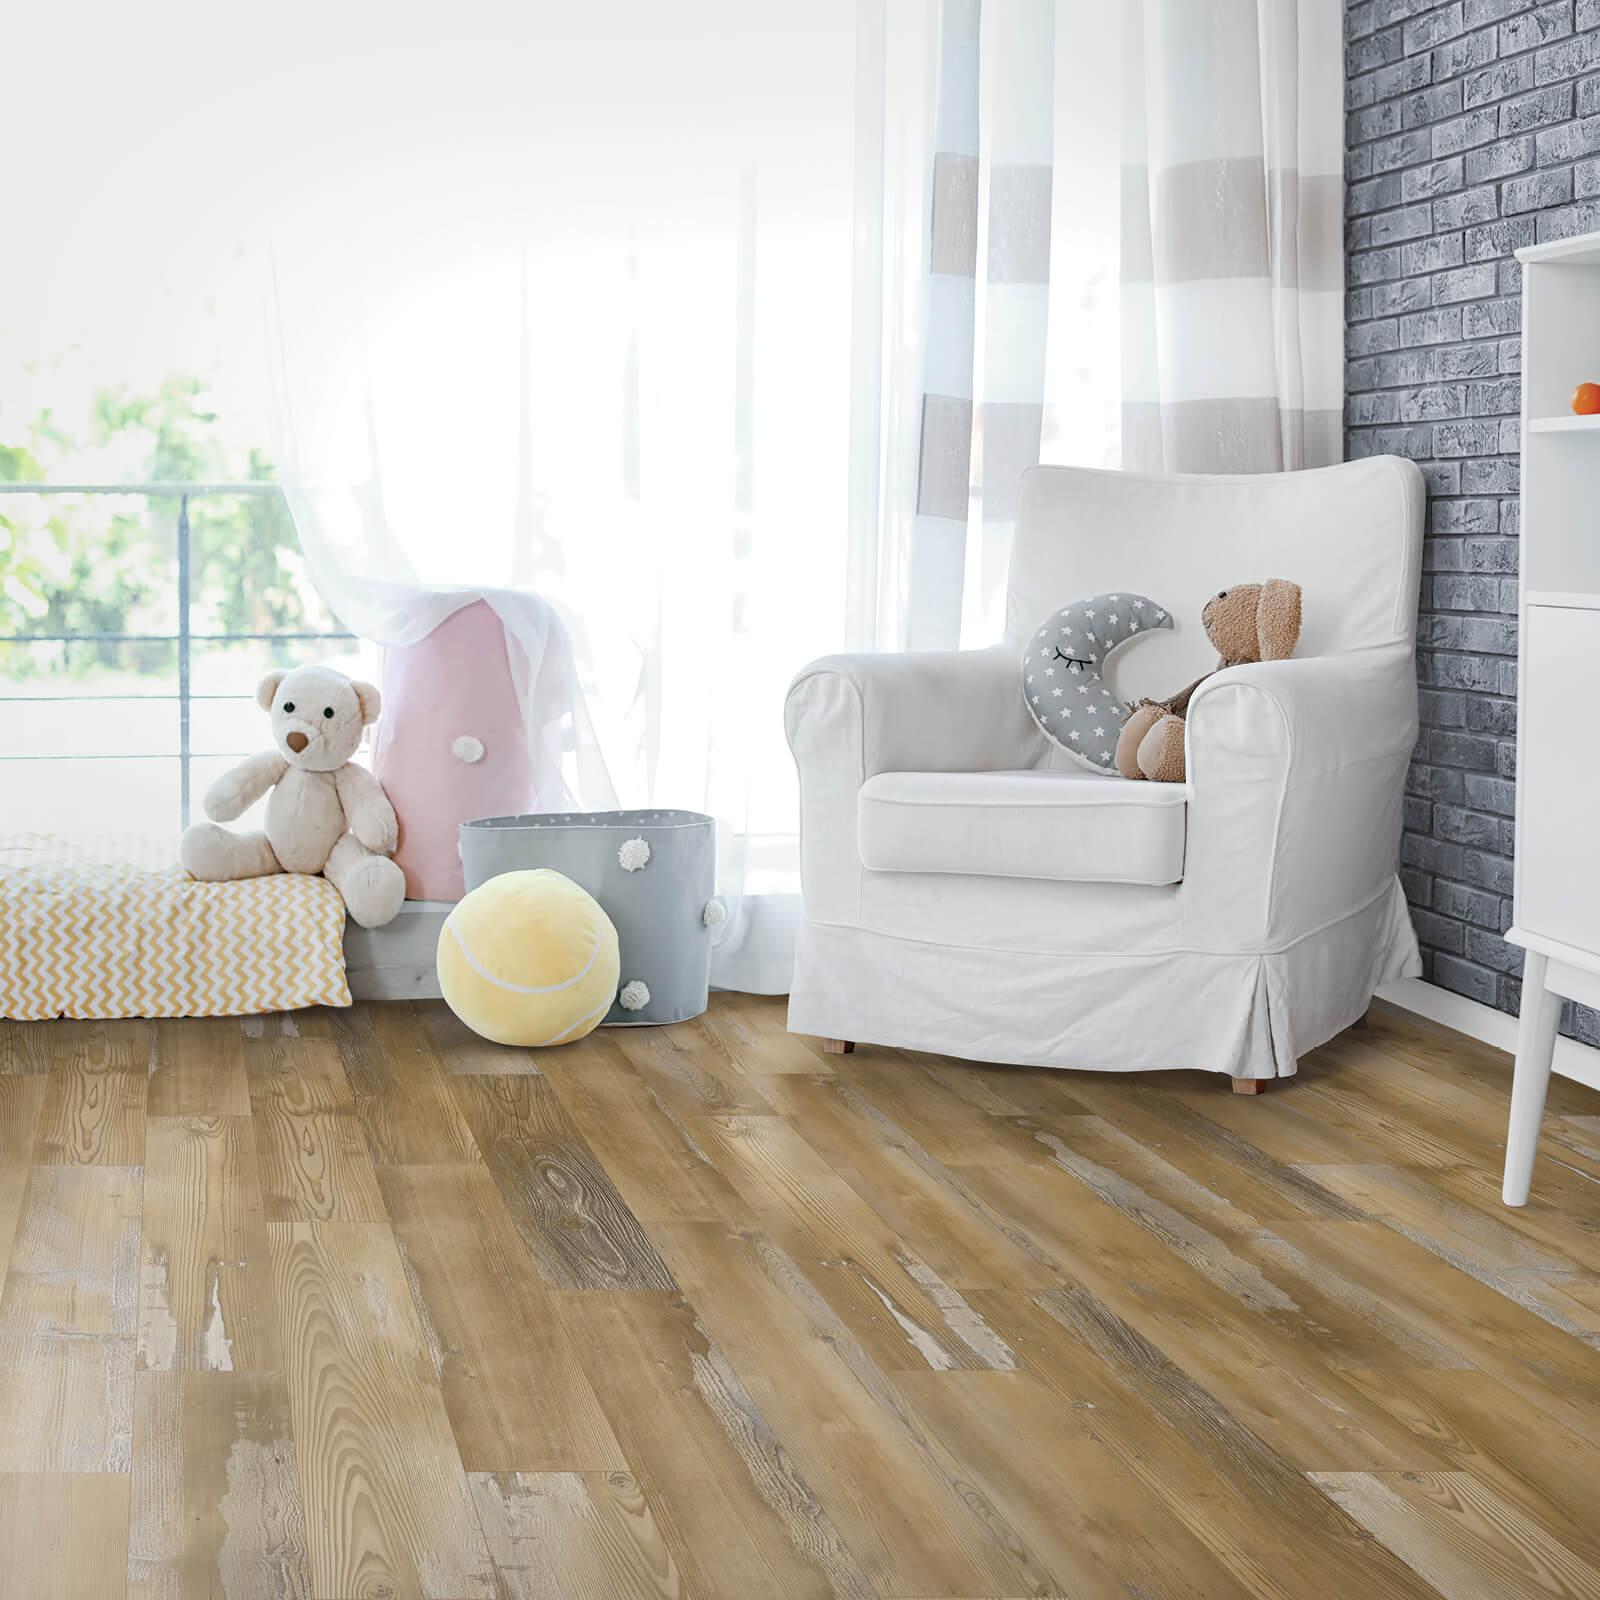 Flooring for kids room | Dolphin Carpet & Tile